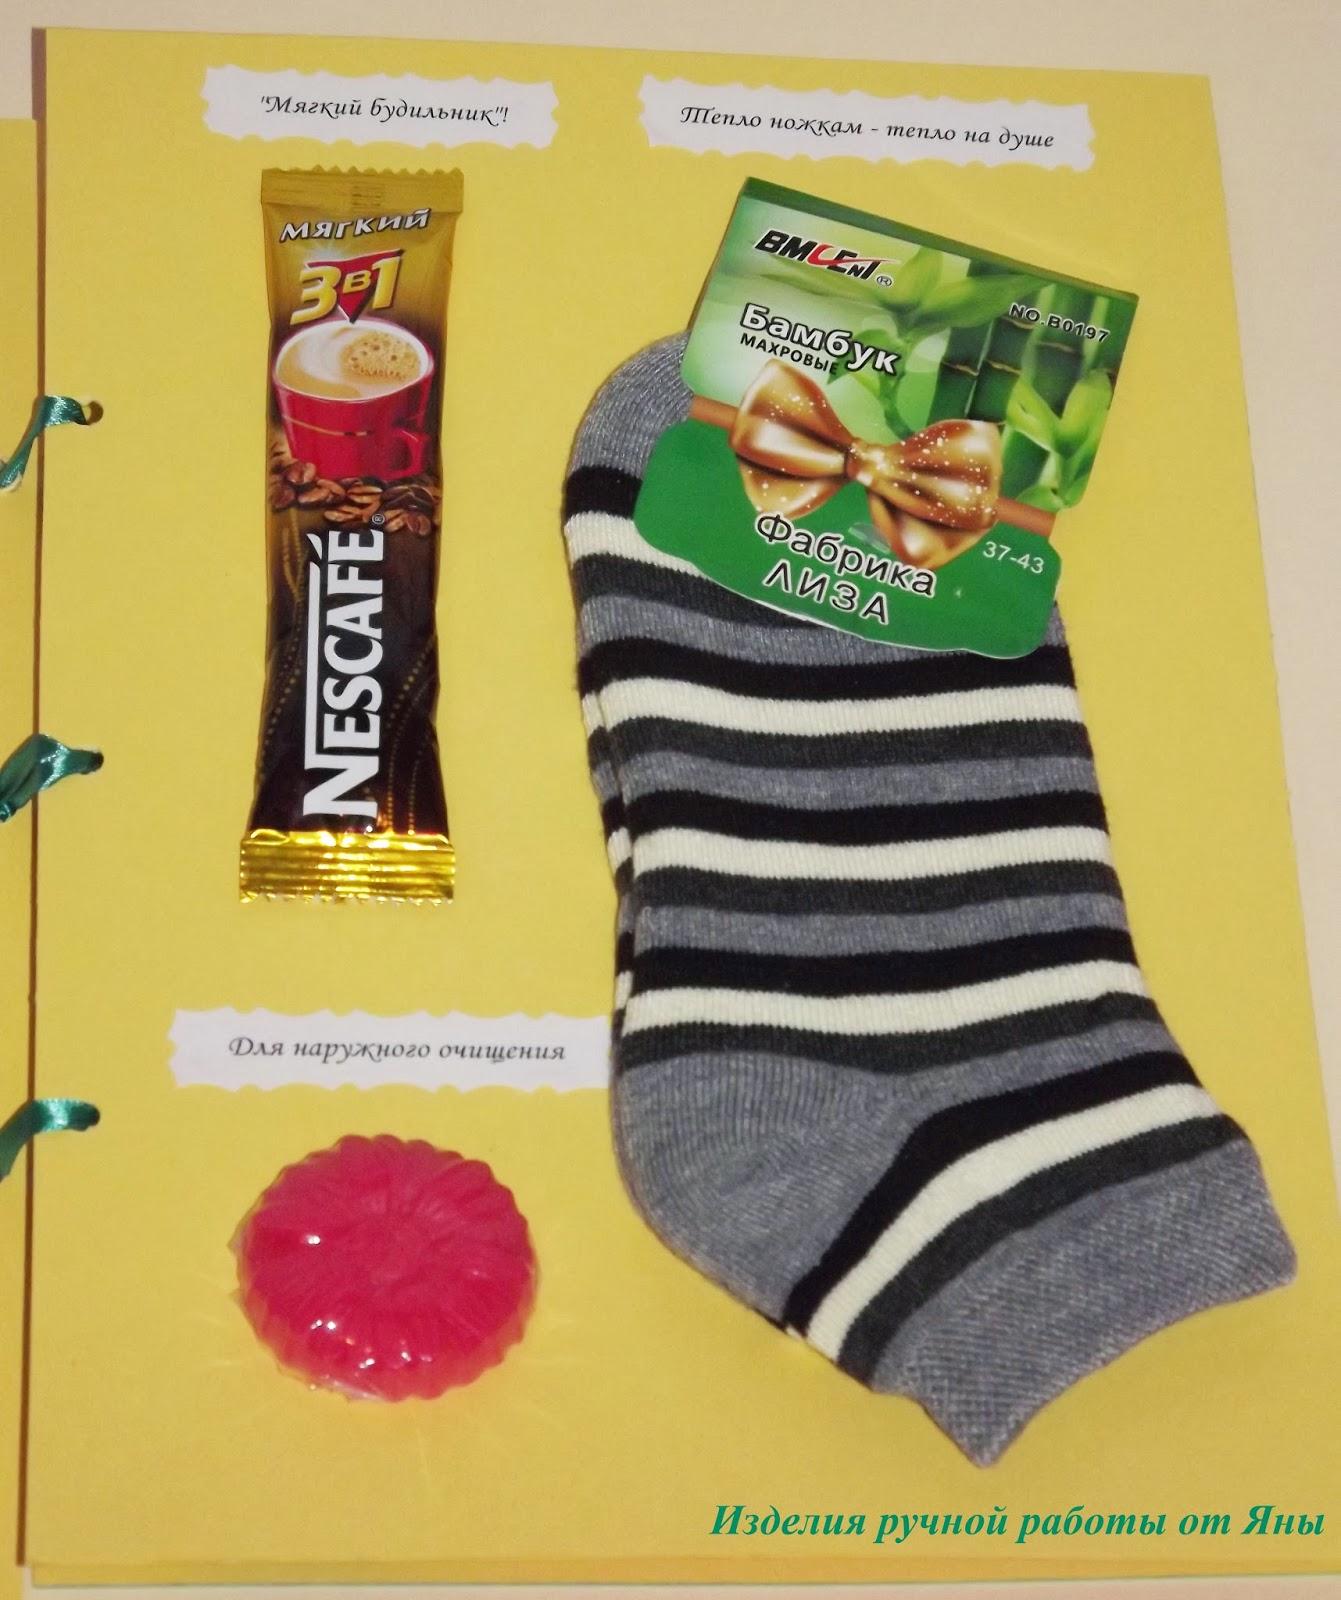 Стихи и пожелания к подарку носки 40